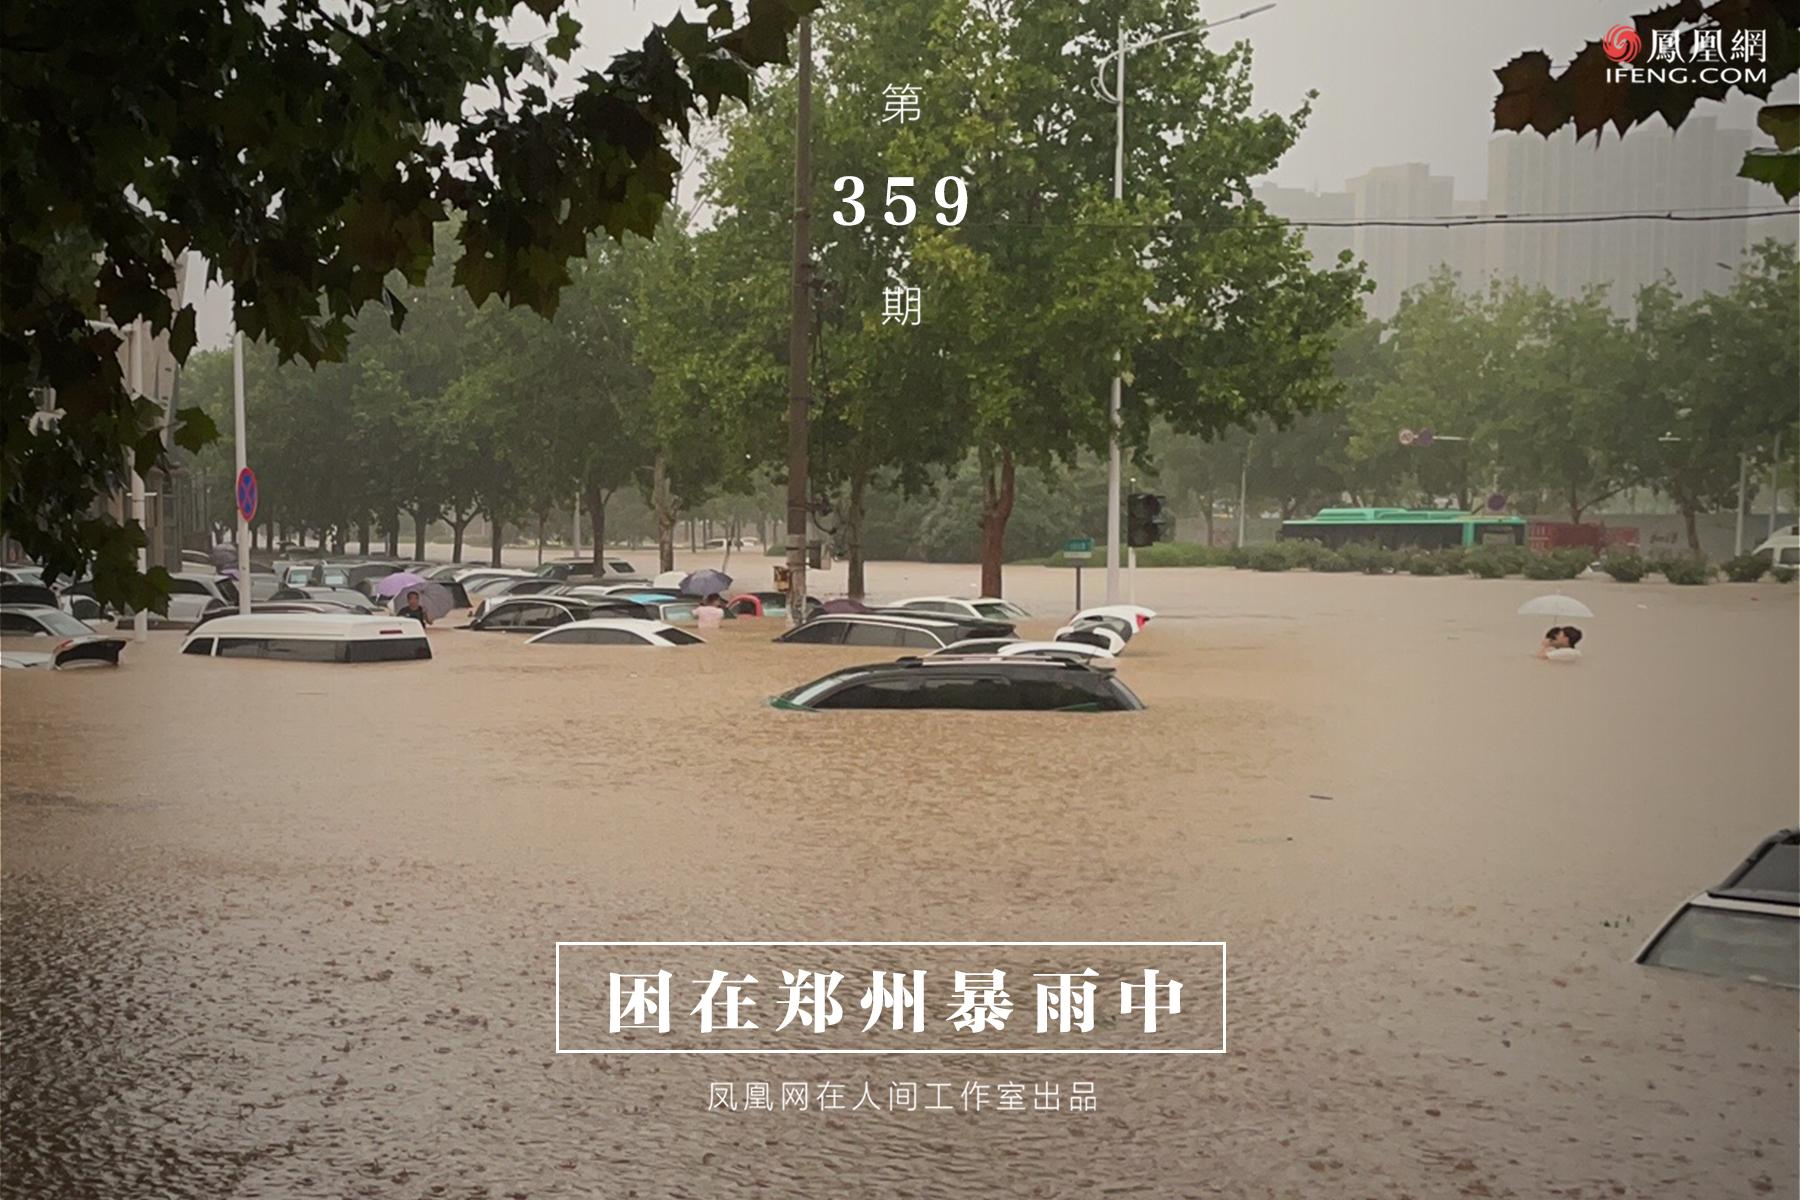 在人间   亲历郑州暴雨:我用皮划艇救了一个孕妇